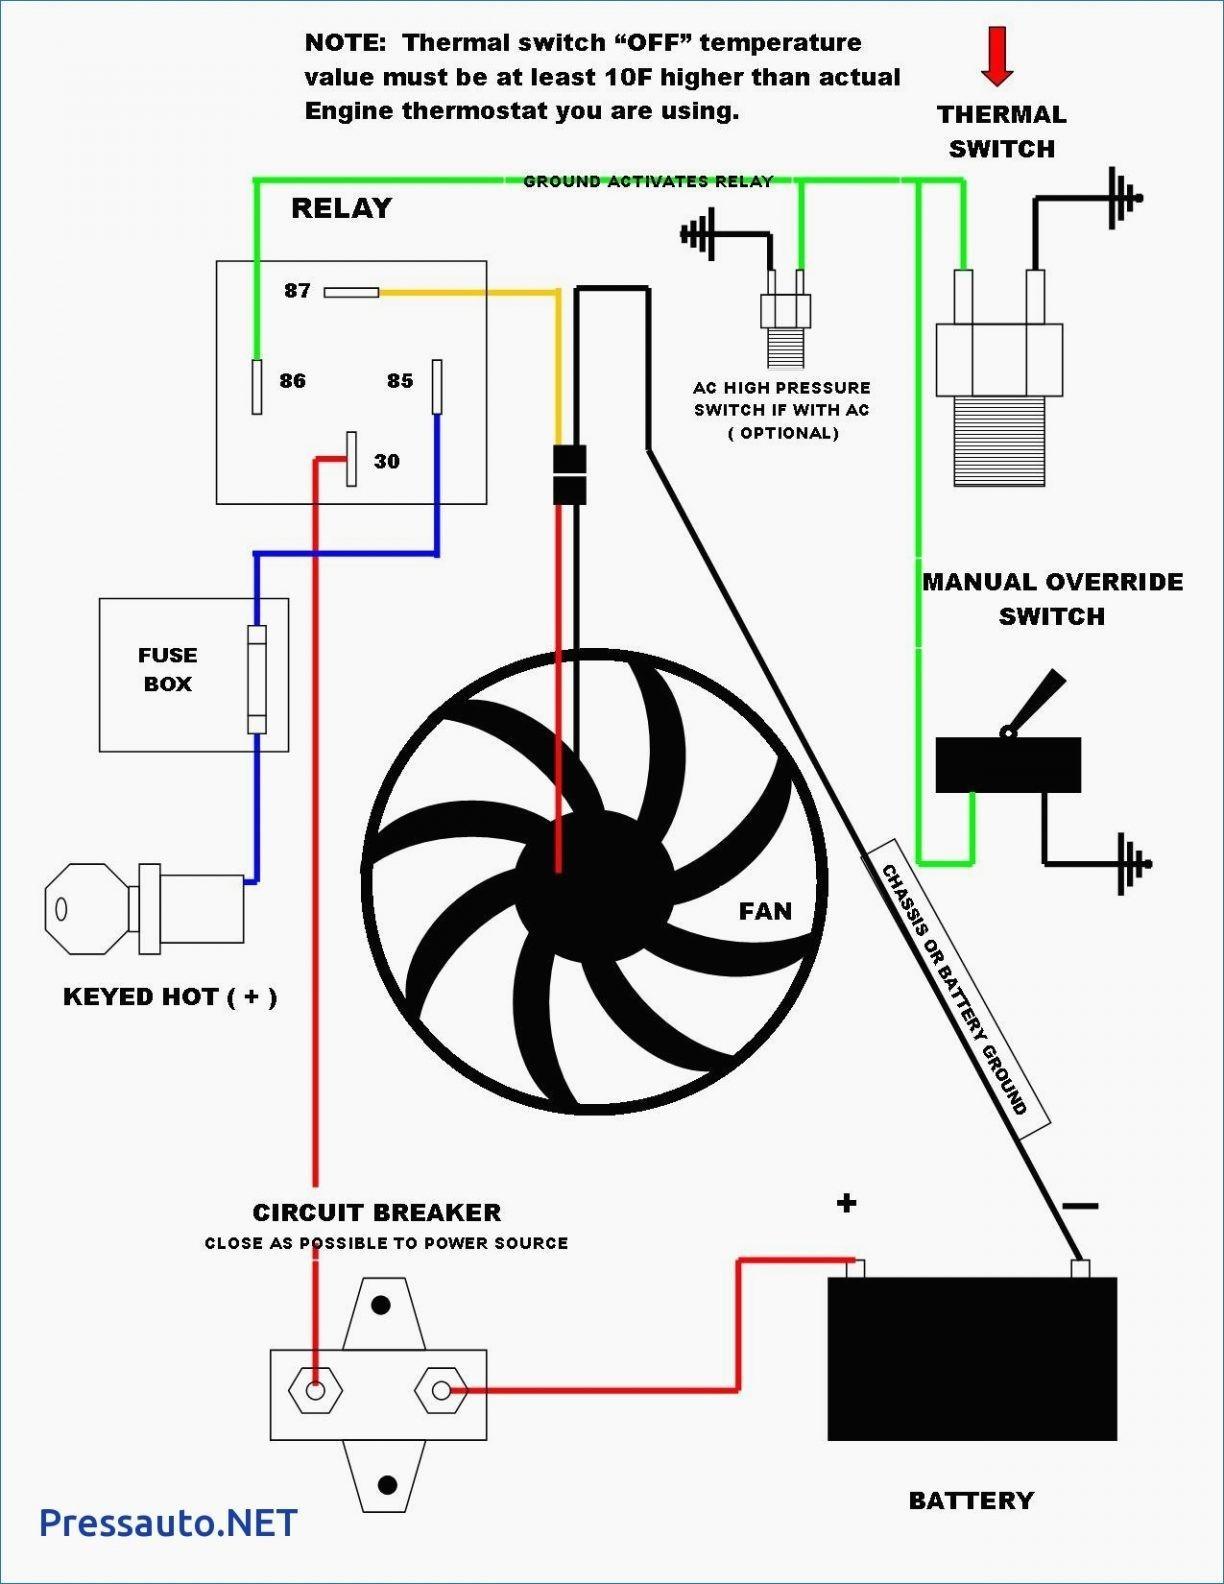 Pj Gooseneck Wiring Diagram | Wiring Diagram - P Bass Wiring Diagram